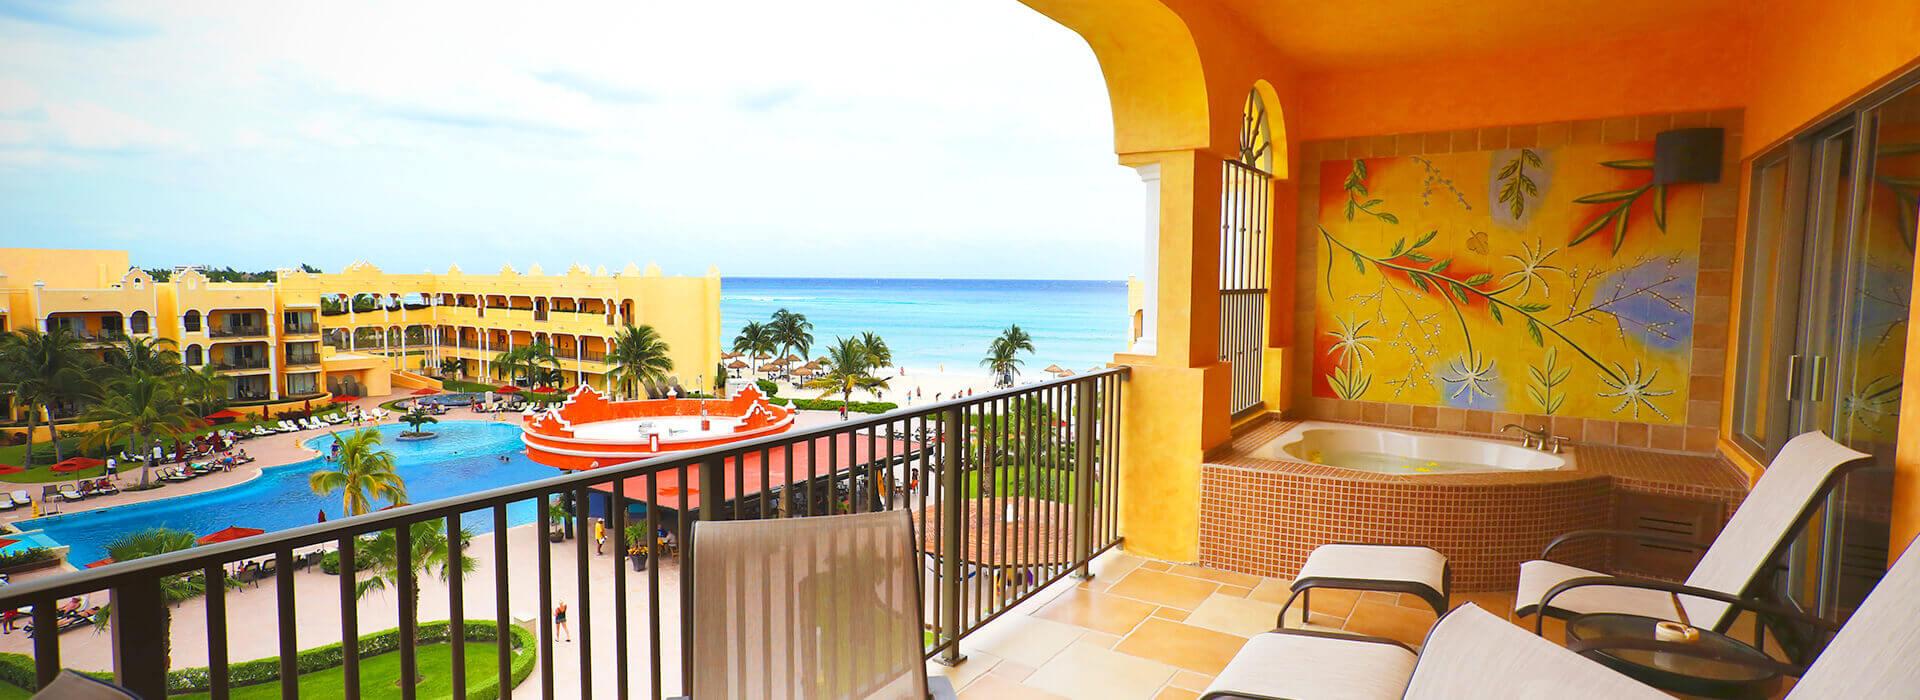 suite con terraza y vista al mar